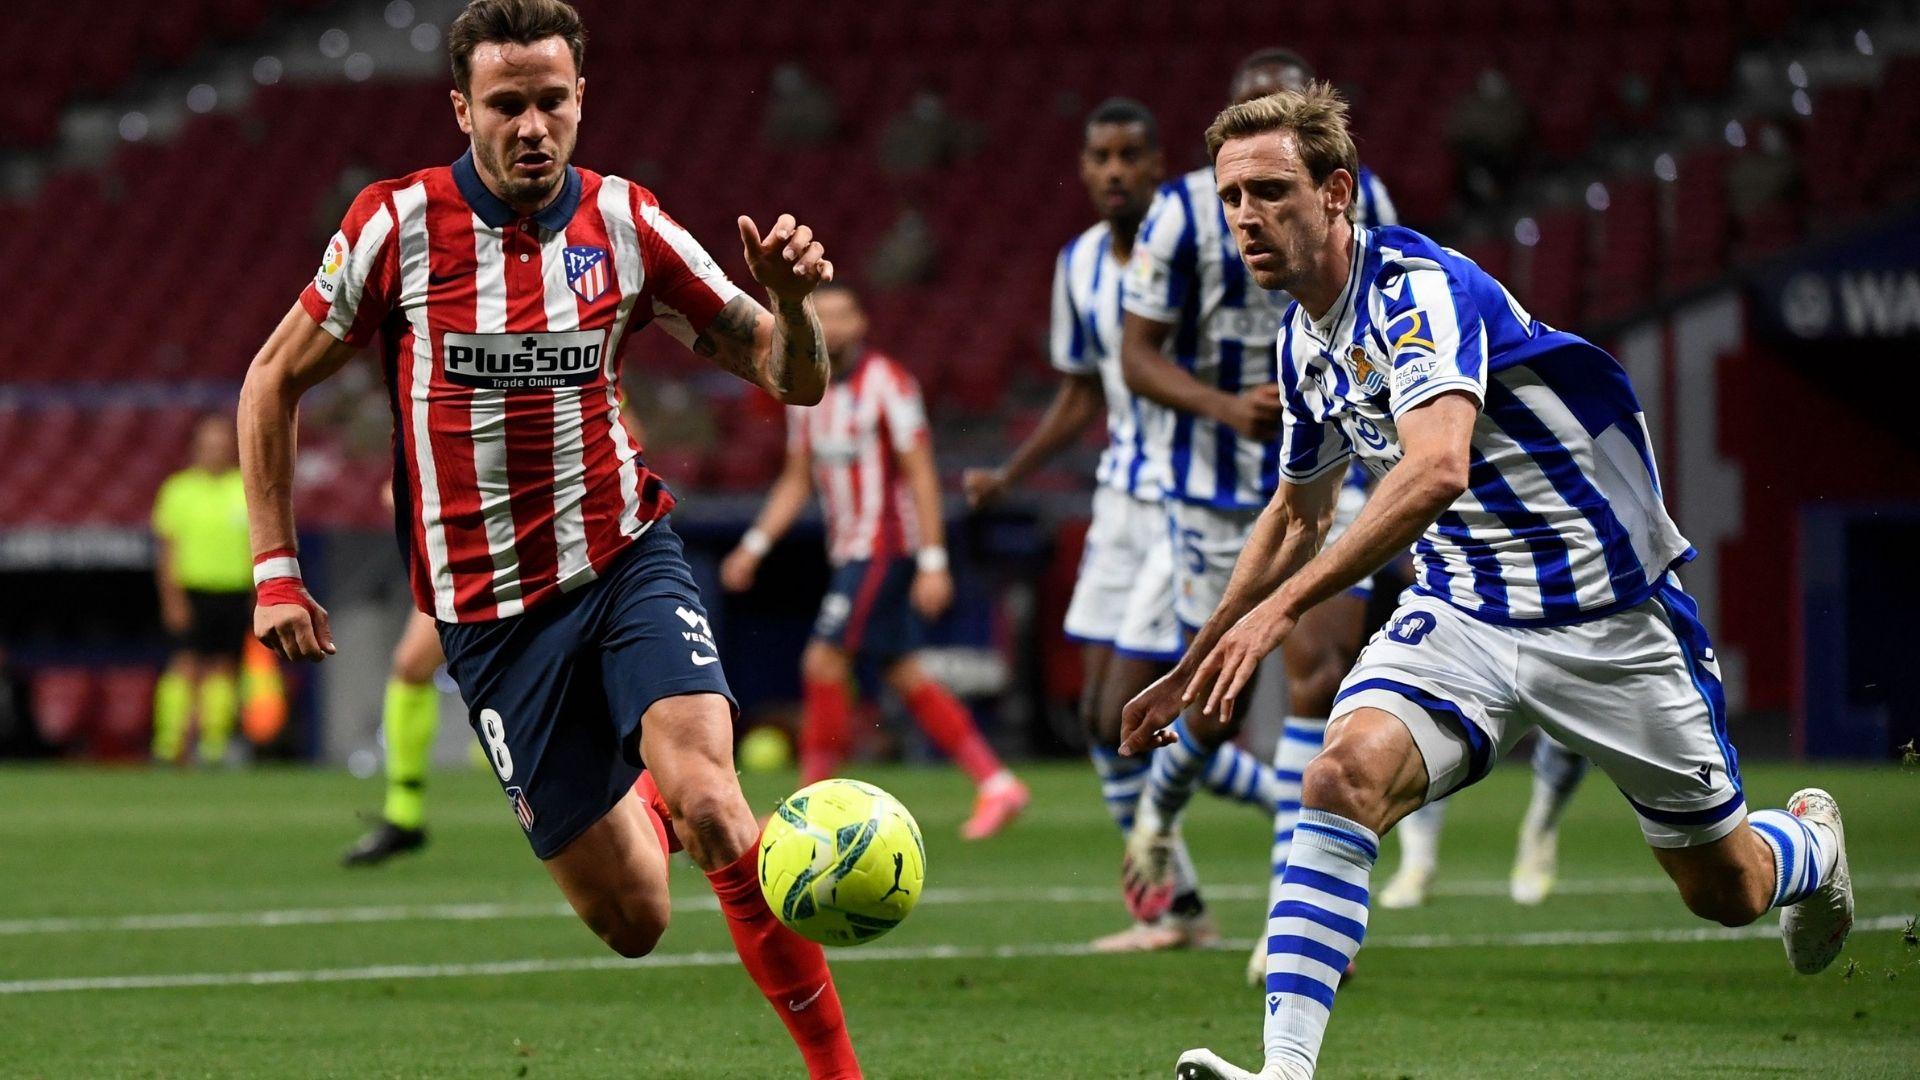 Atlético Madrid vs. Real Sociedad en directo: resultado, alineaciones, polémicas, reacciones y ruedas de prensa del partido de LaLiga - Goal.com